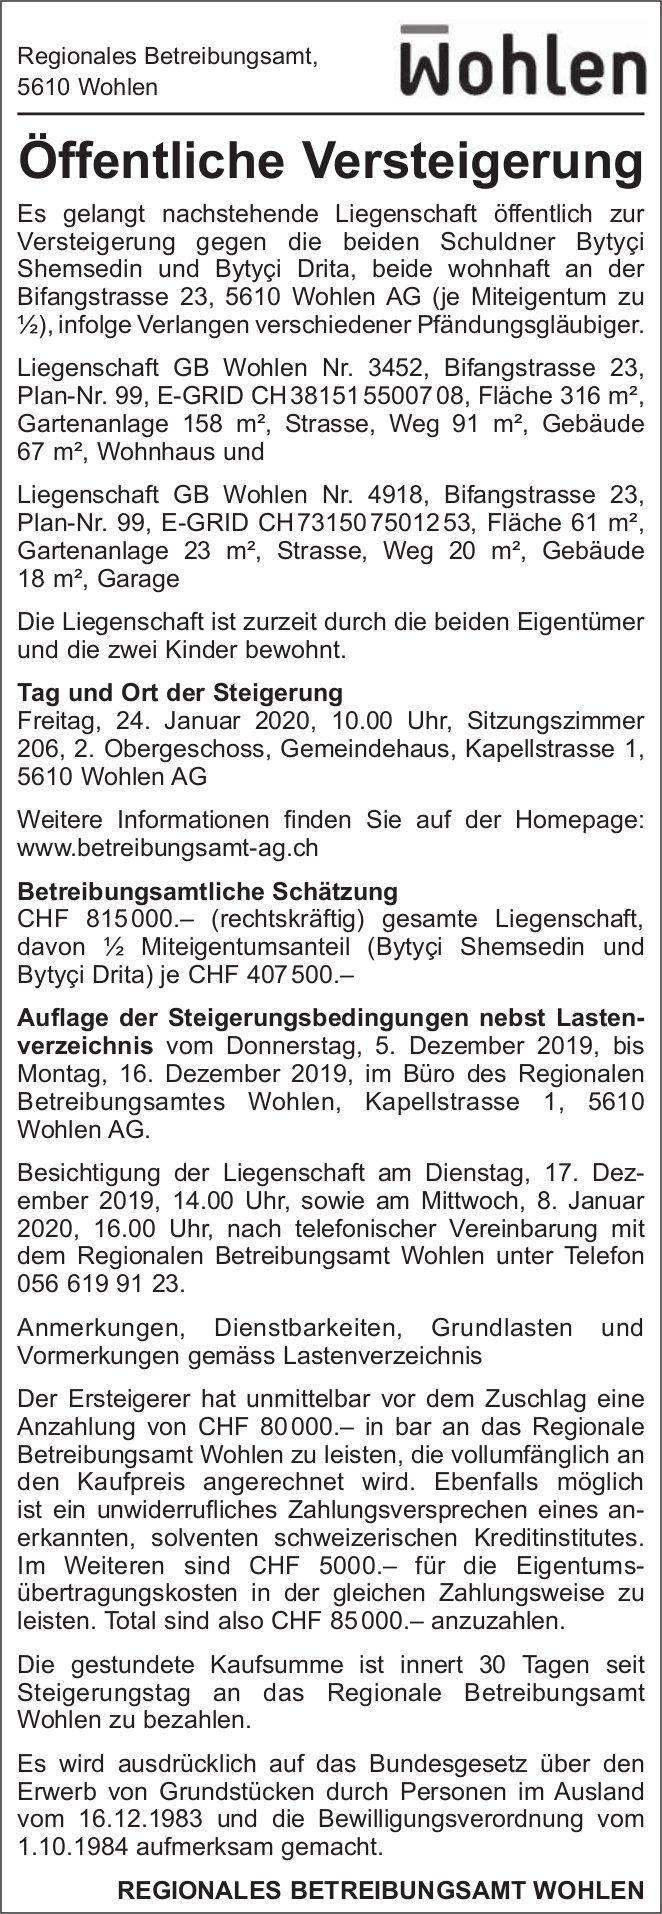 Gemeinde Wohlen - Öffentliche Versteigerung